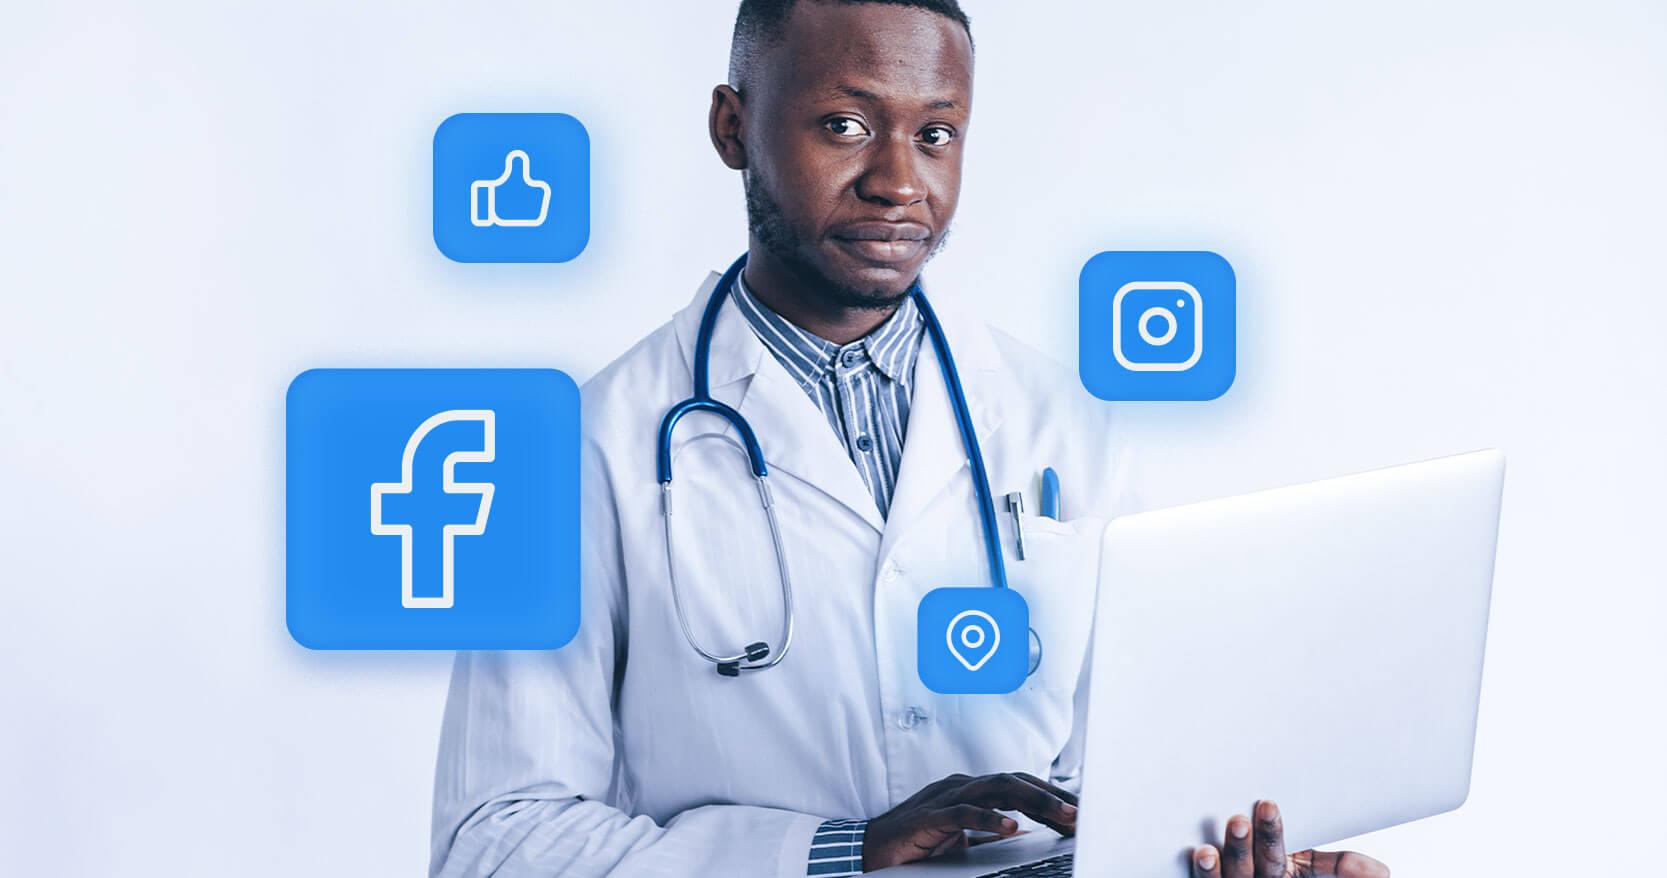 Por que ter presença online é importante para consultórios?